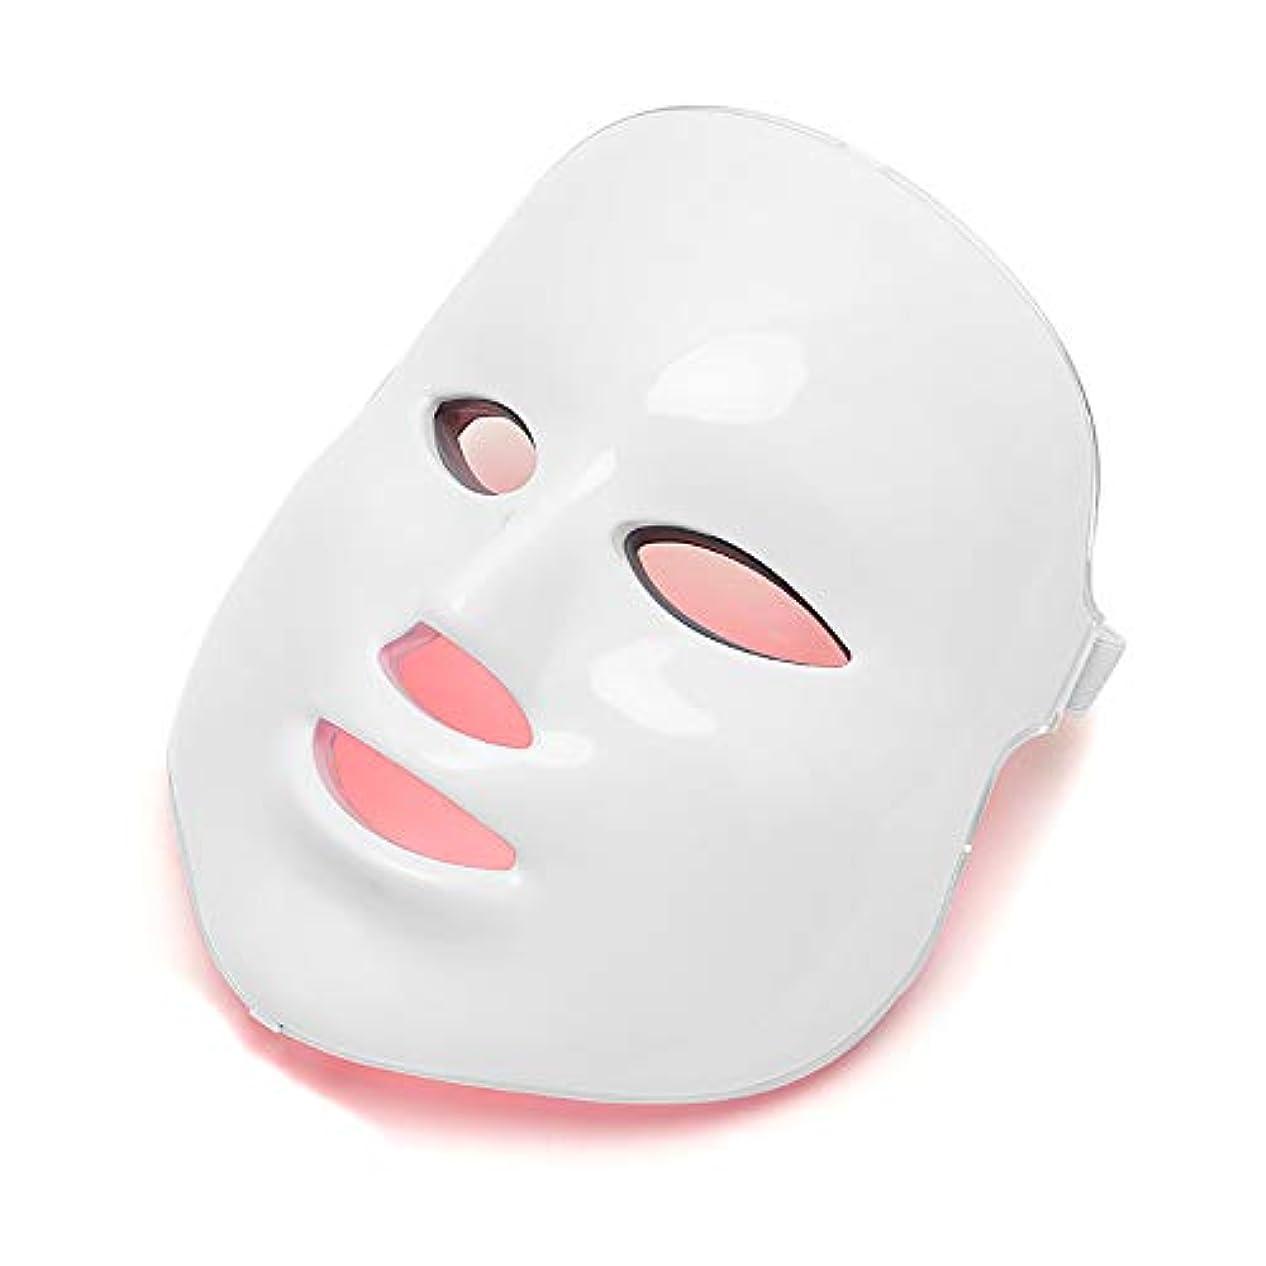 ライド害敗北フェイス光線療法フェイシャルスキンケアマスクLED 7色フェイシャルマスク、スキントーニングしわのためのLEDライトは調色、しわにきび治療を締め付け、アンチエイジングを削除します